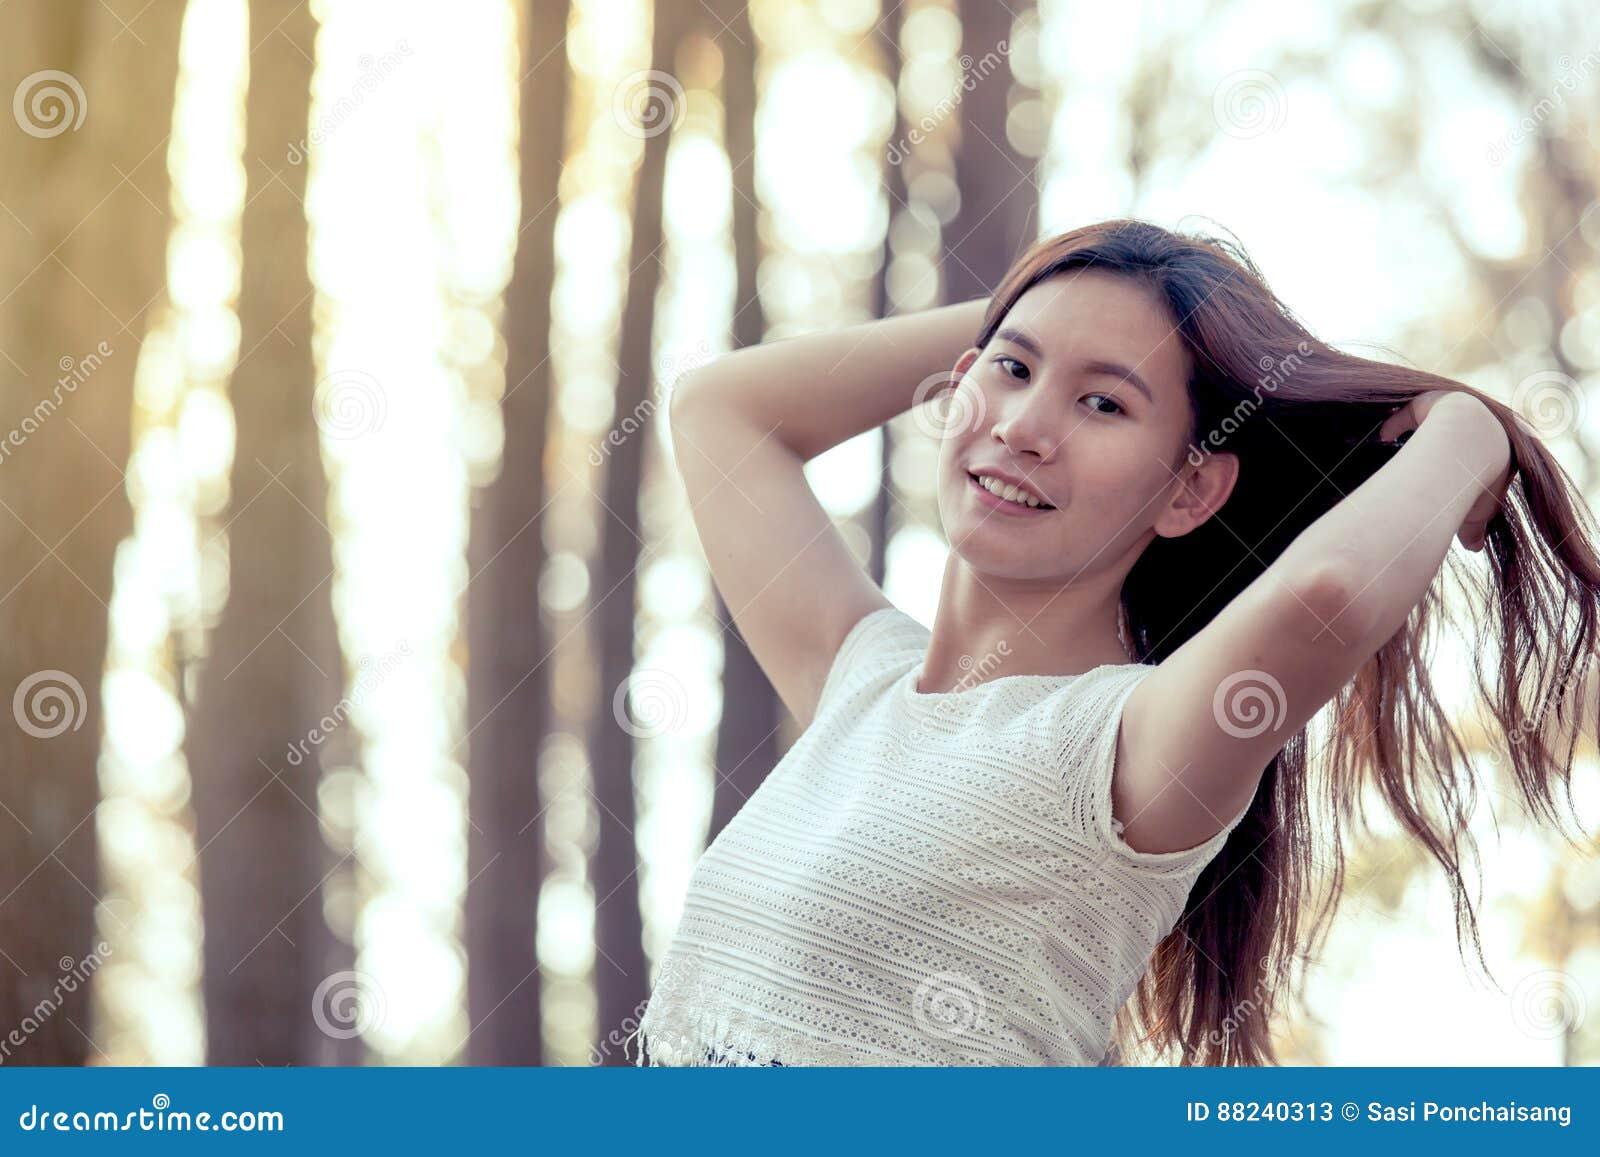 Jeune femme asiatique effleurant ses cheveux et appréciant la nature